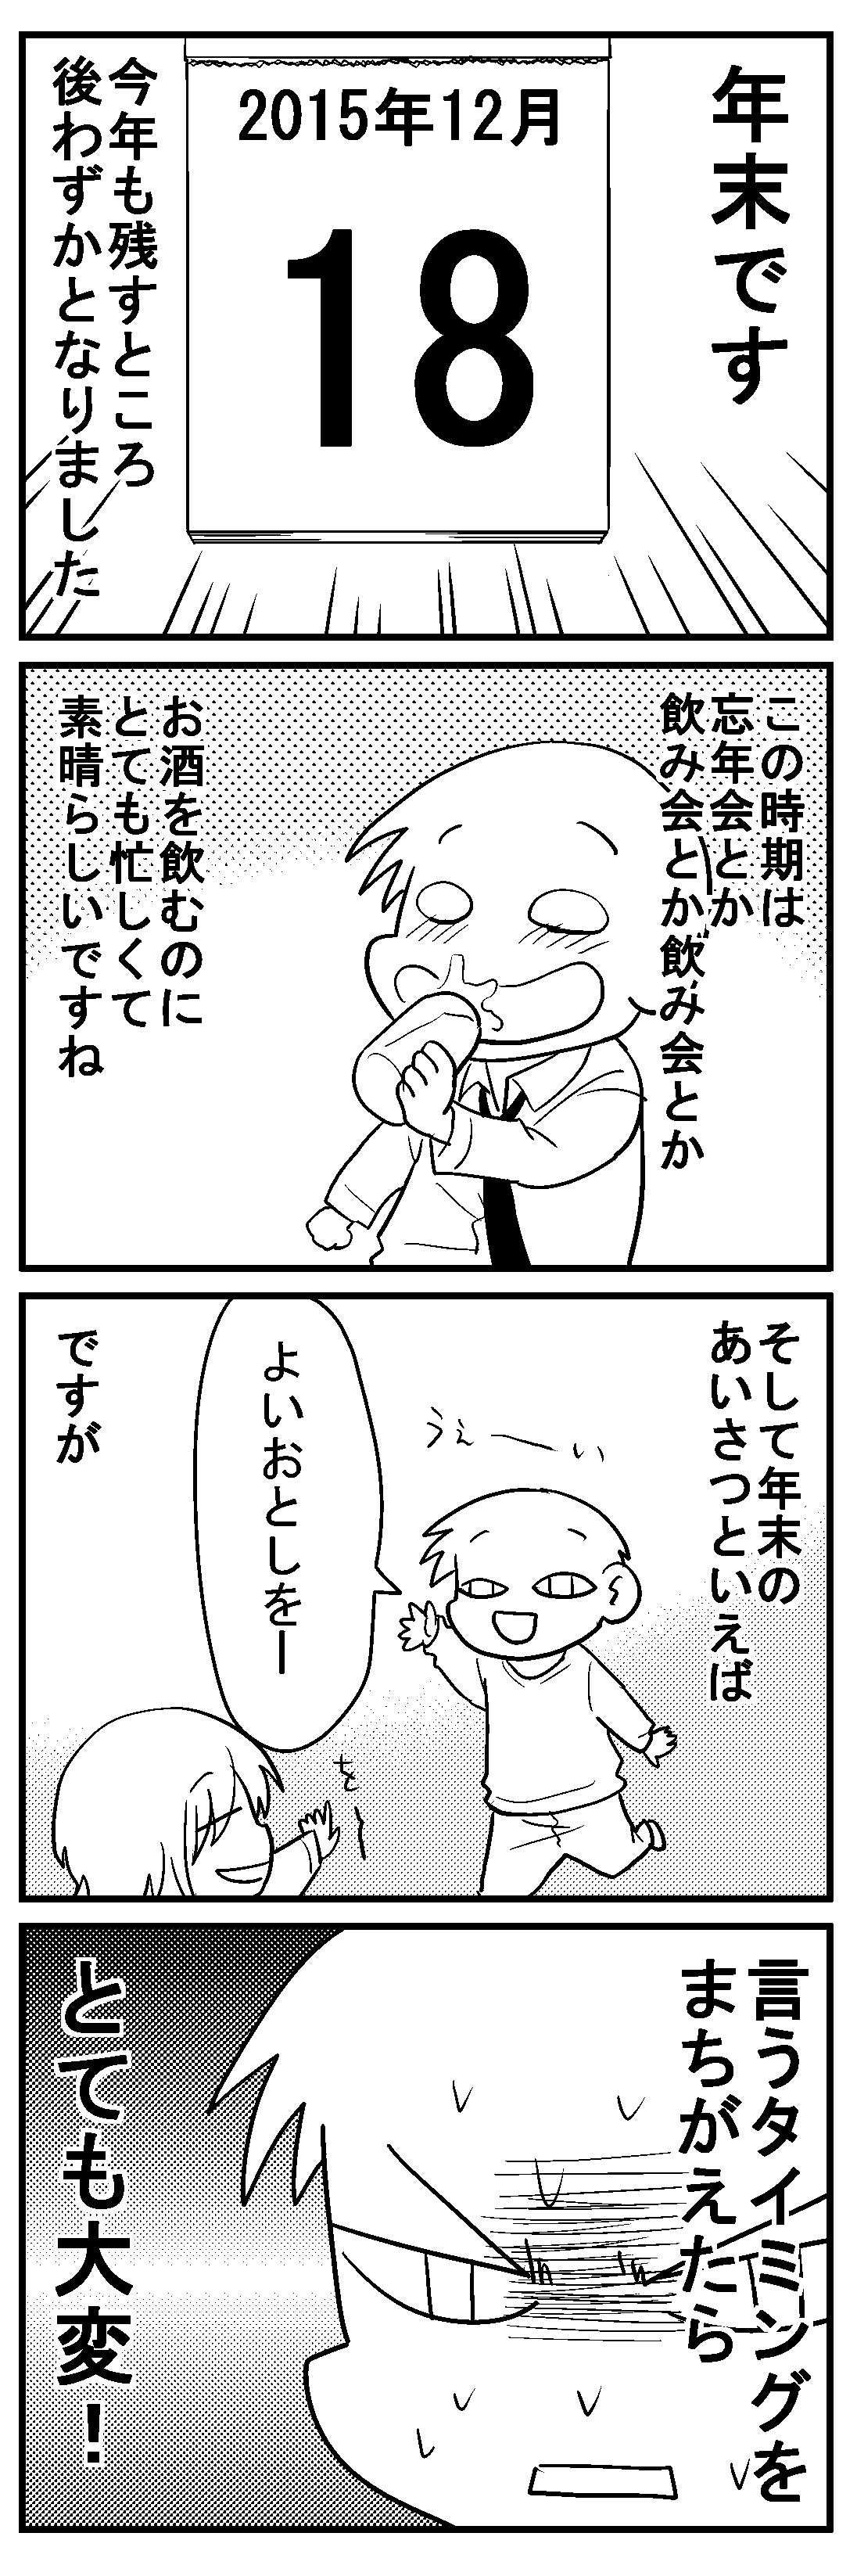 深読みくん32 1